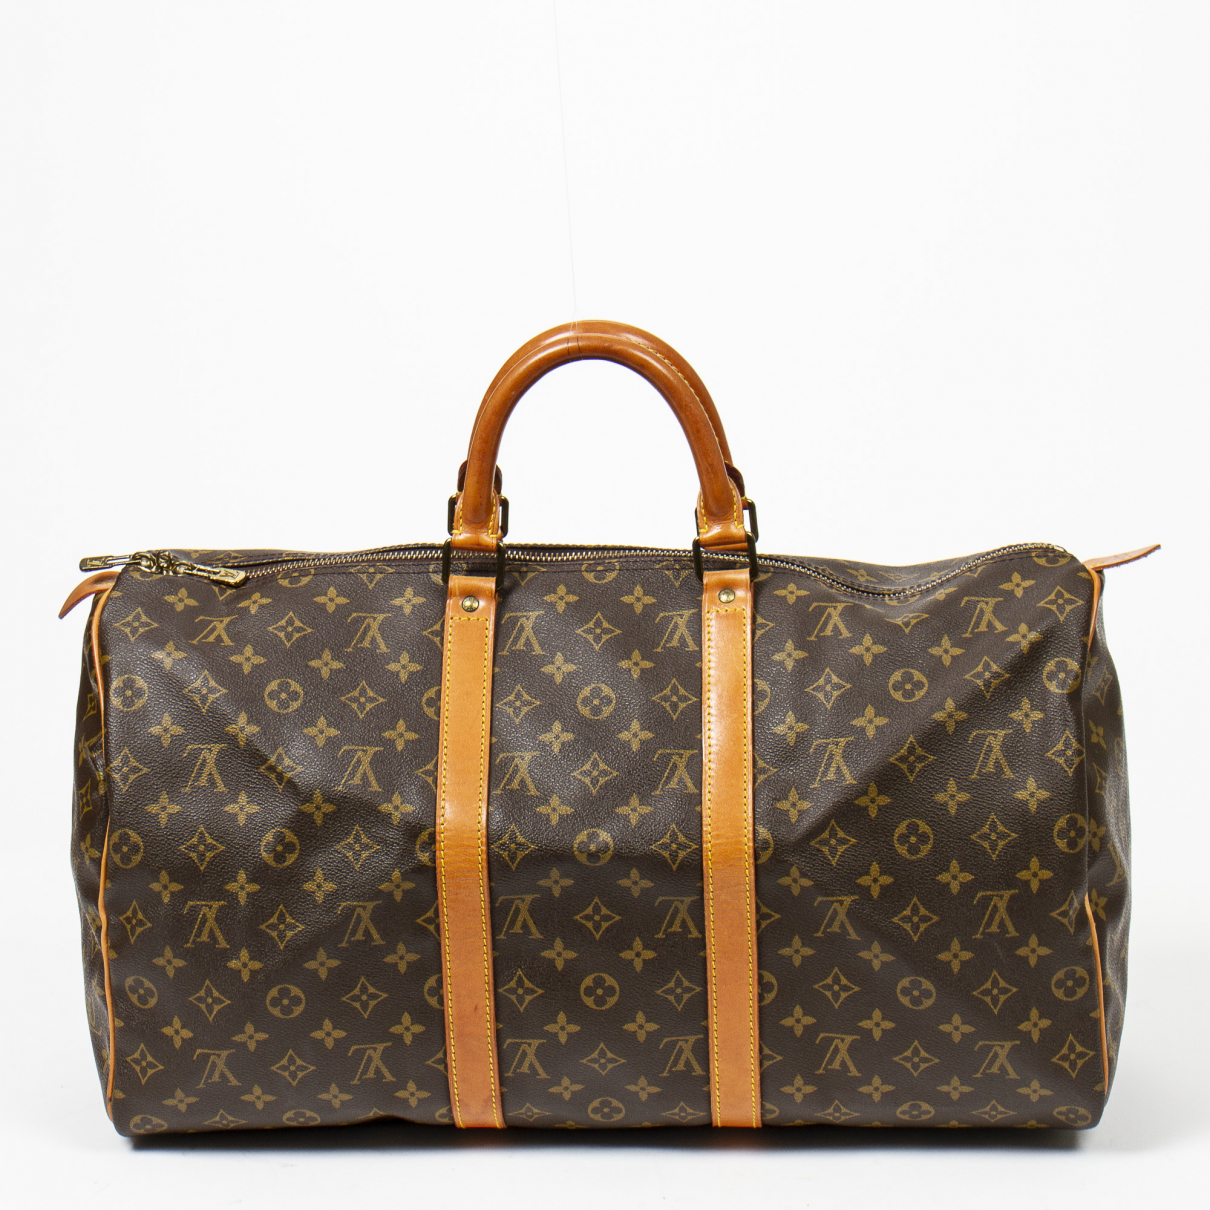 Louis Vuitton - Sac de voyage Keepall pour femme en coton - marron